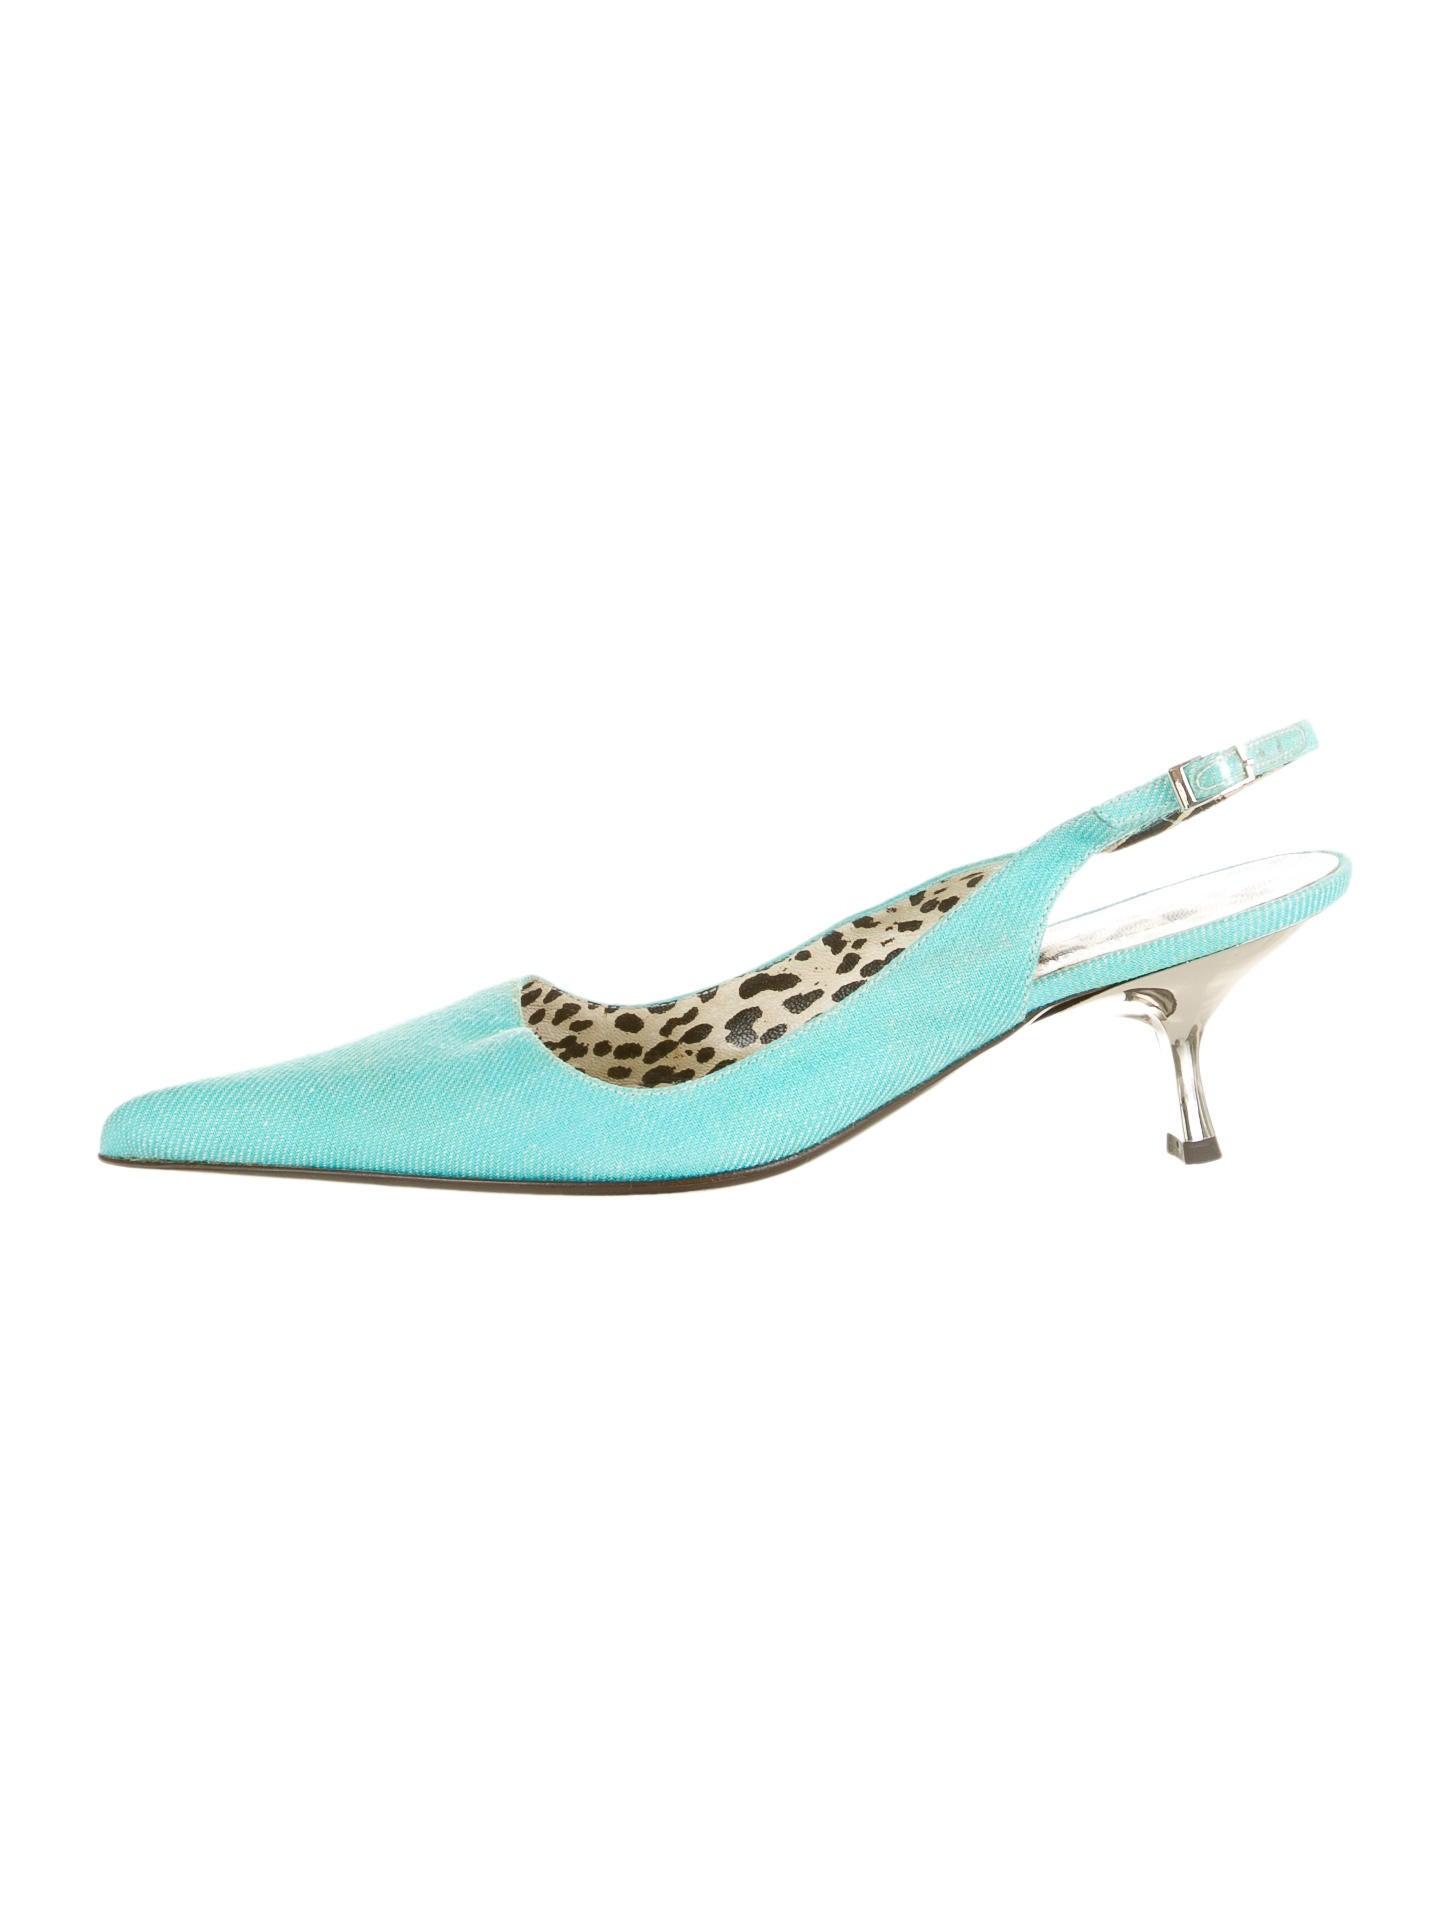 Aqua Kitten Heels